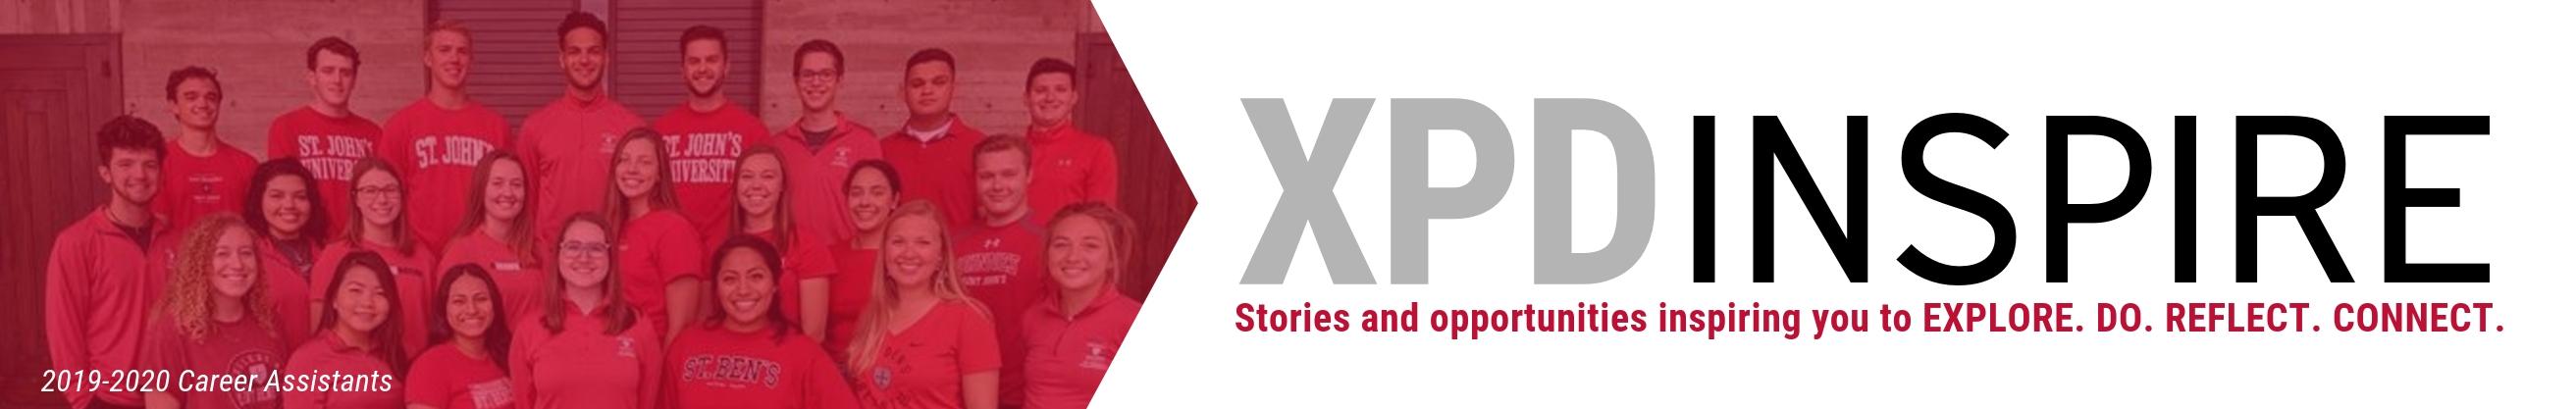 2019 XPDInspire header CAs